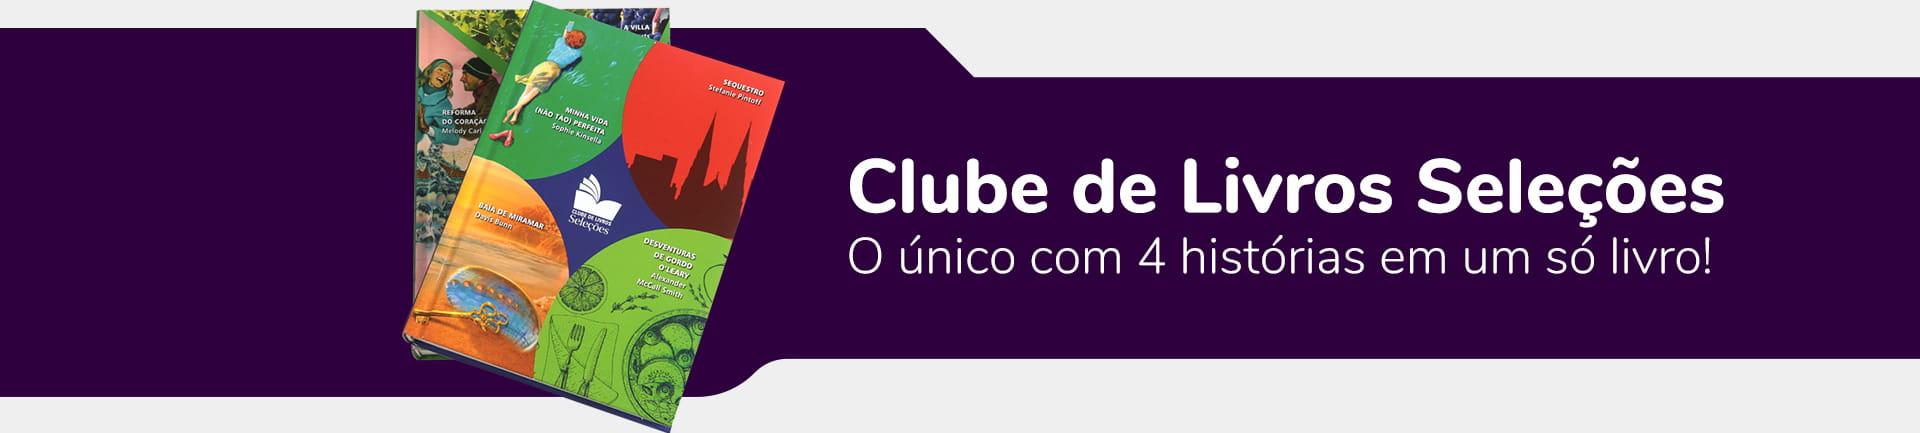 Clube de Livros Seleções